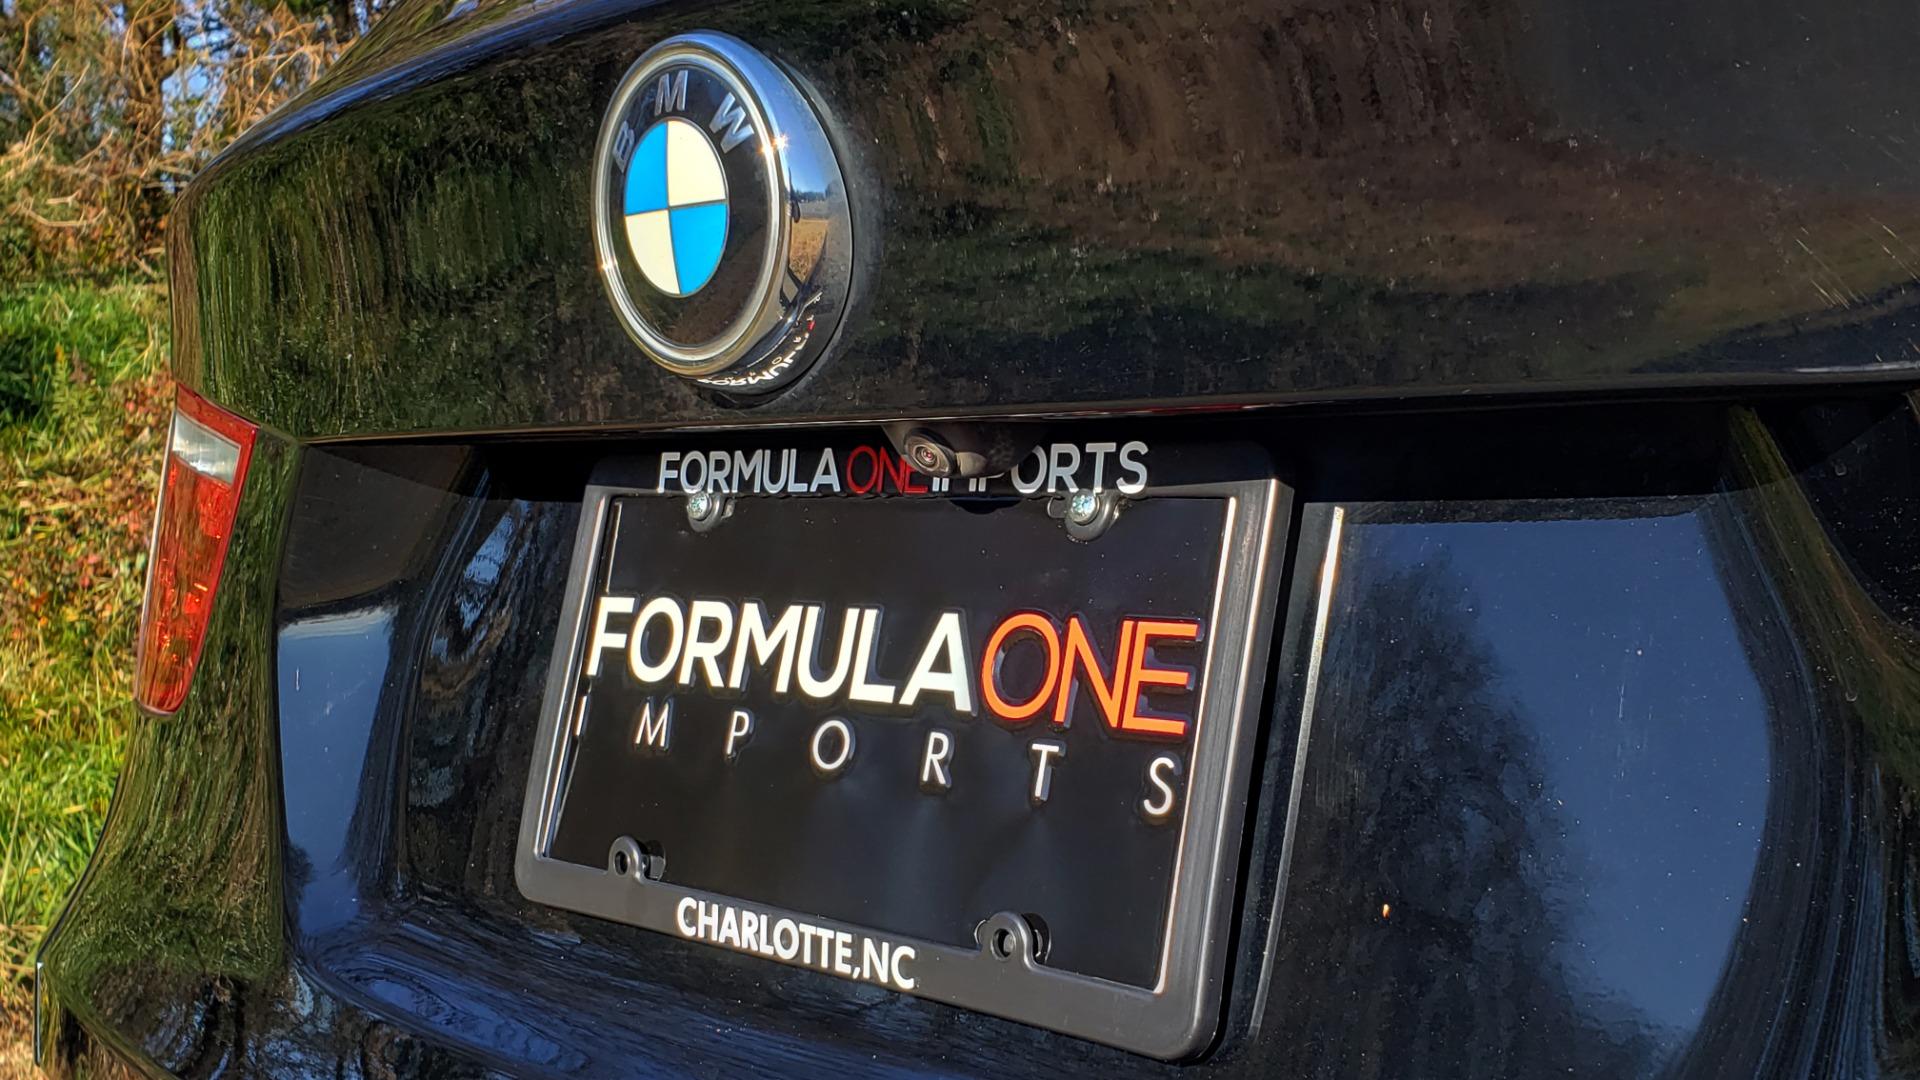 Used 2017 BMW X3 XDRIVE28I / PREM PKG / NAV / DRVR ASST / HTD STS / CAMERAS for sale Sold at Formula Imports in Charlotte NC 28227 22